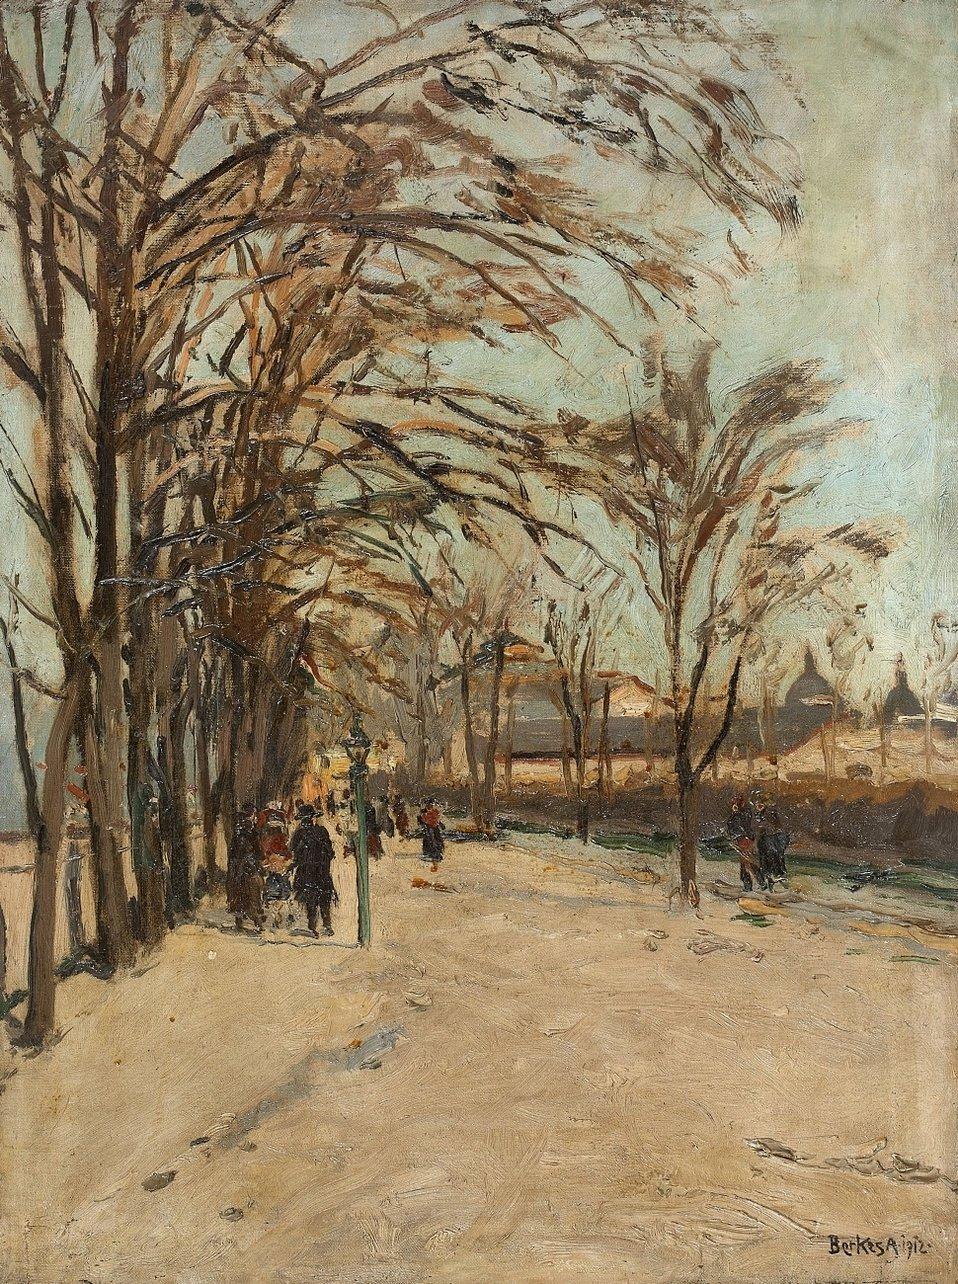 Deutsch:  Spaziergänger in einer Allee. Signiert und datiert unten rechts: Berkes A. 1912. Öl auf Leinwand. 63,5 x 47 cm